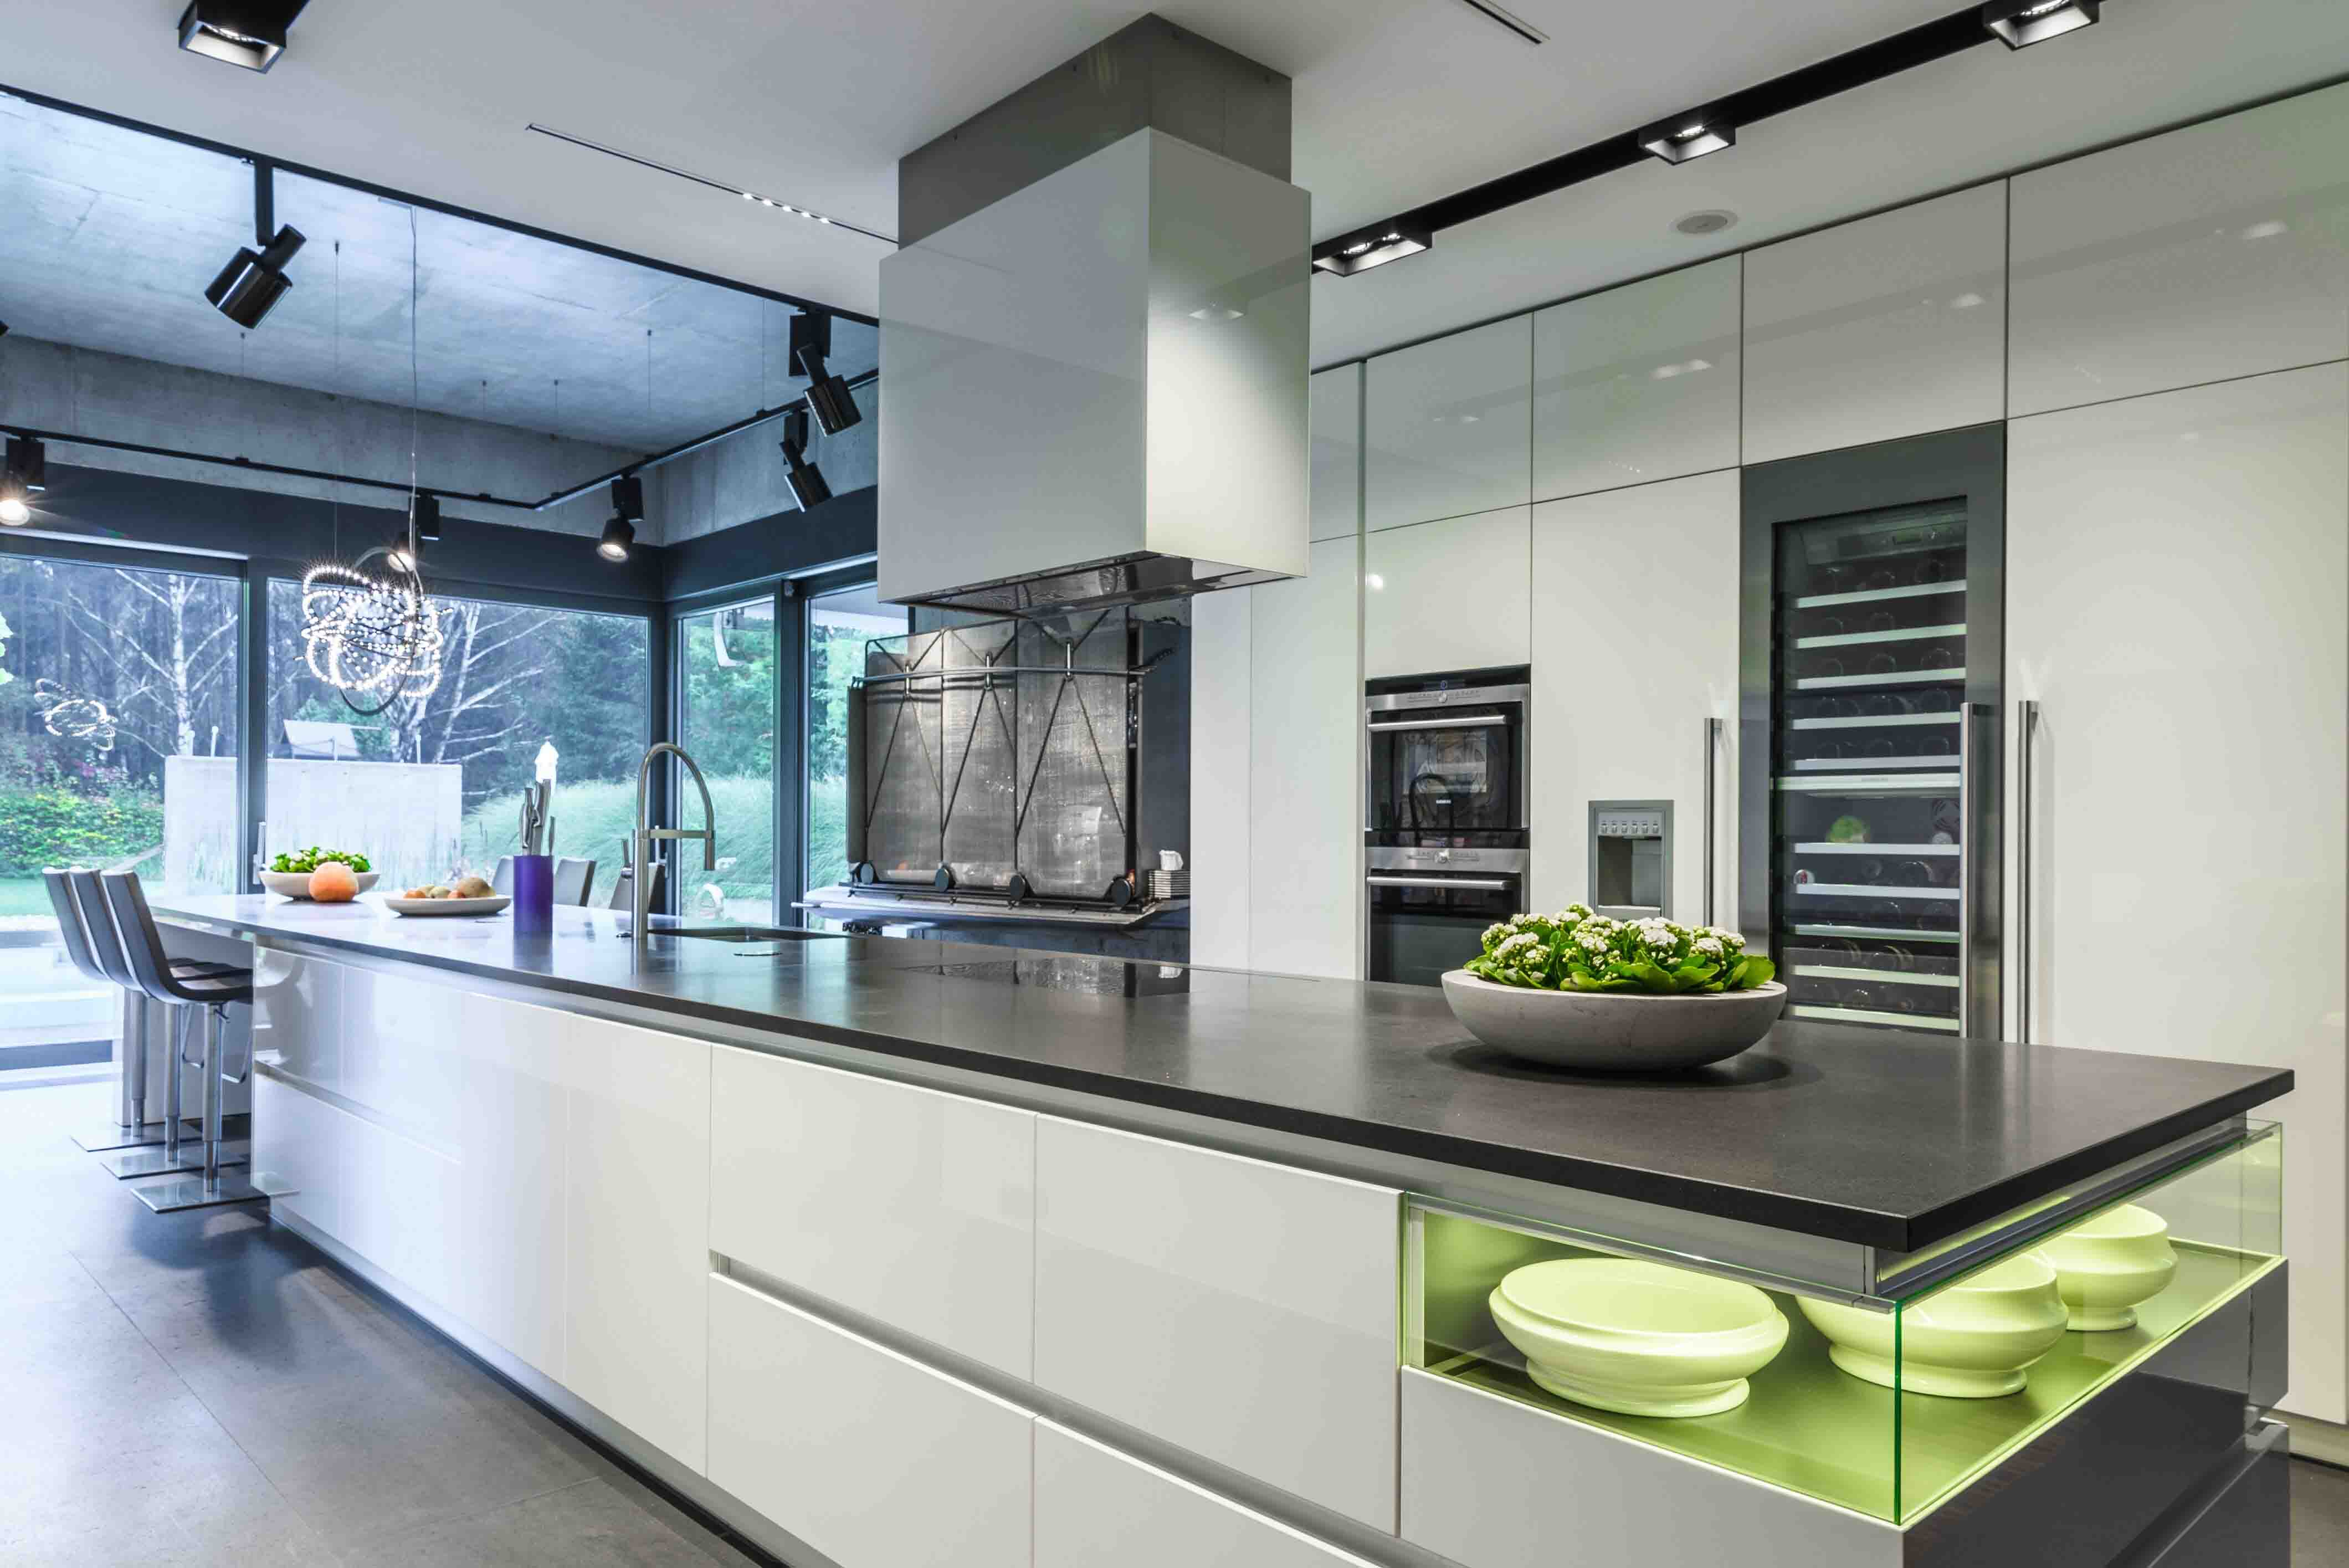 kuchnia-nowoczesne-wnętrze-zabudowa-lakier-beton-kaminskadorota